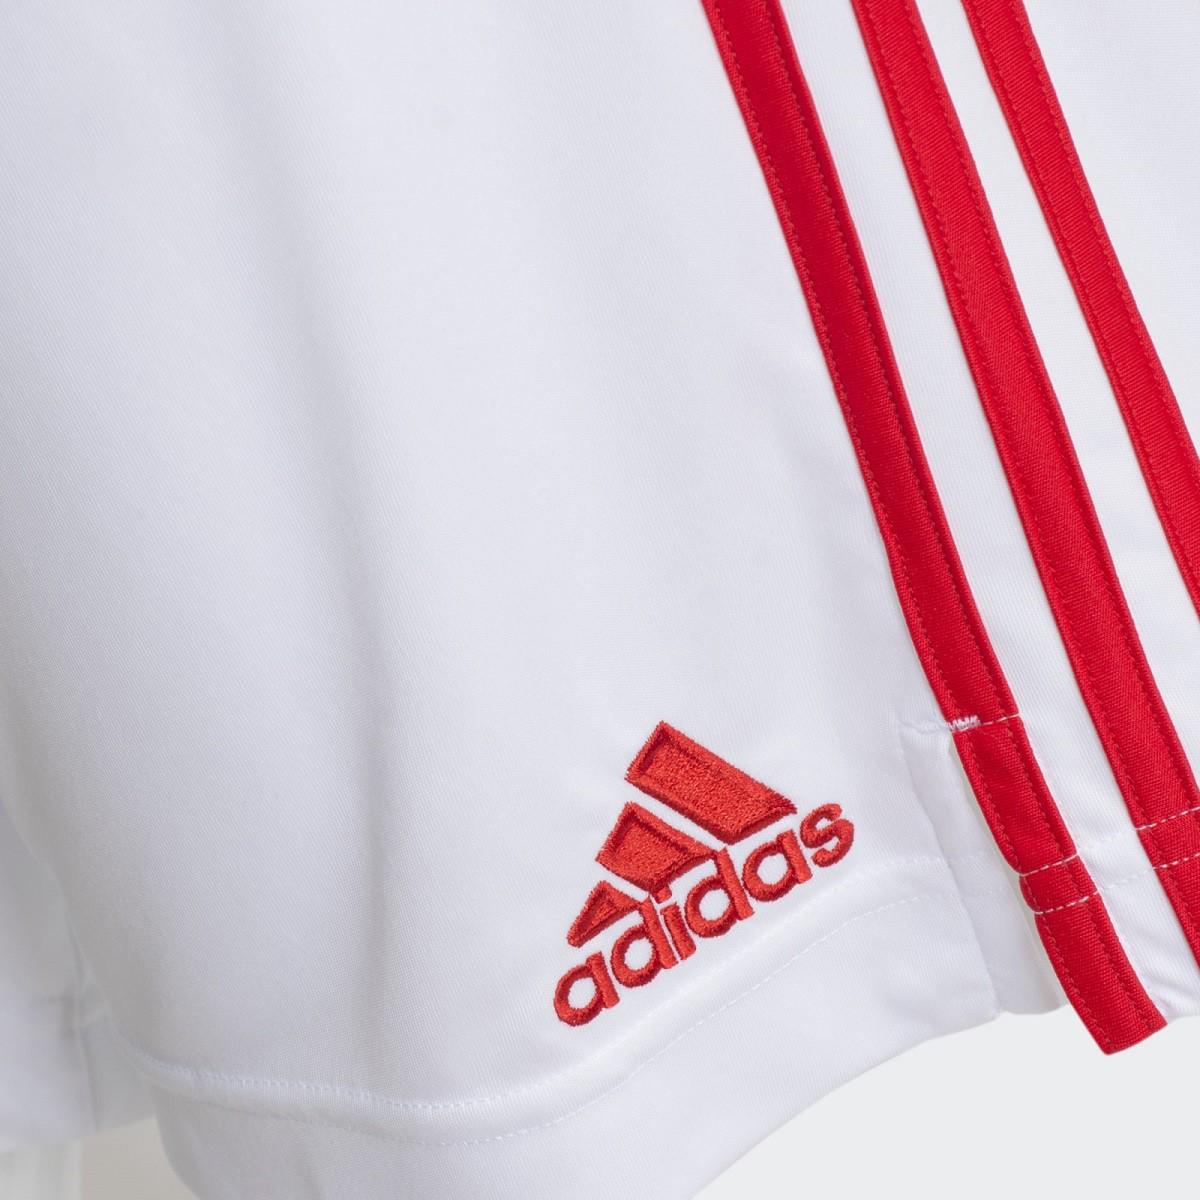 Calção Adidas Internacional I 2020